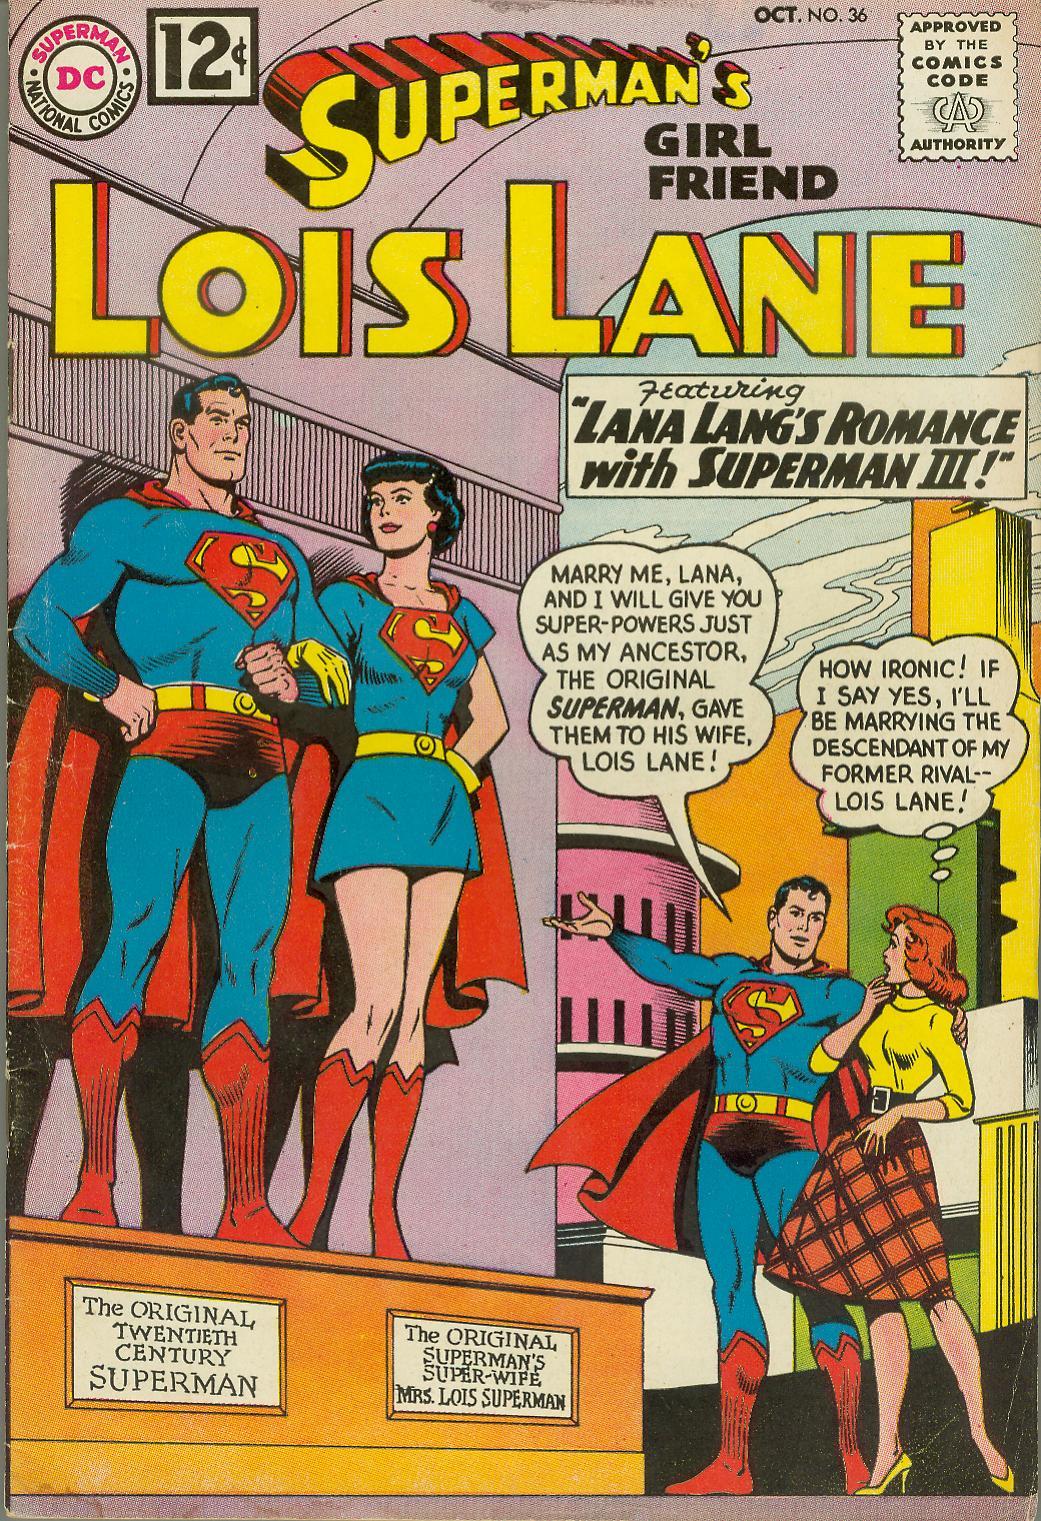 Supermans Girl Friend, Lois Lane 36 Page 1